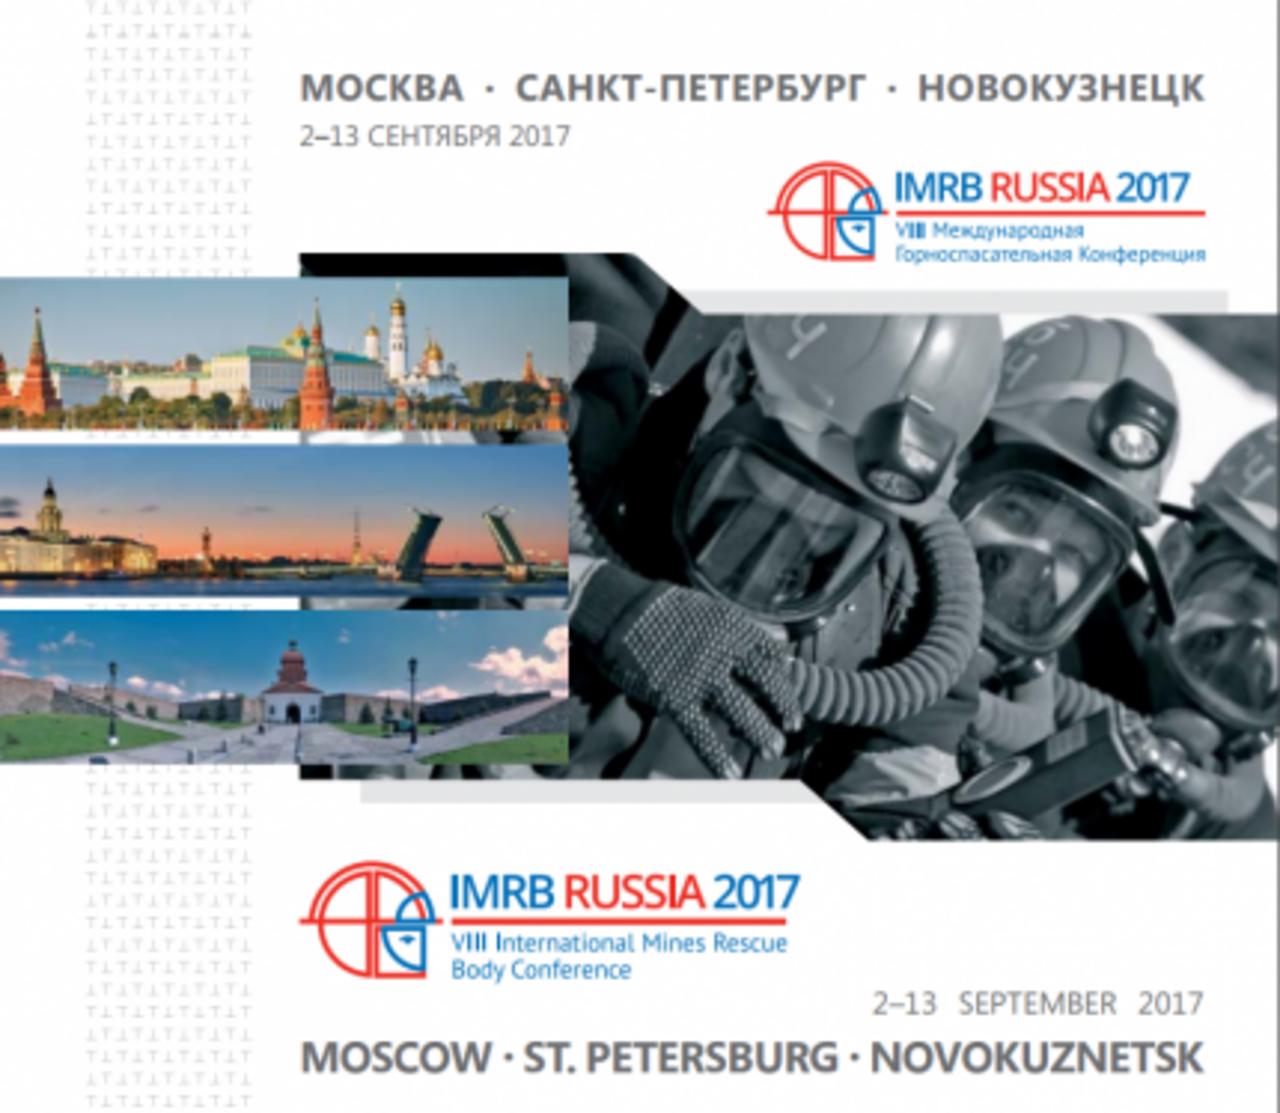 Международная конференция горноспасателей впервый раз пройдет в РФ